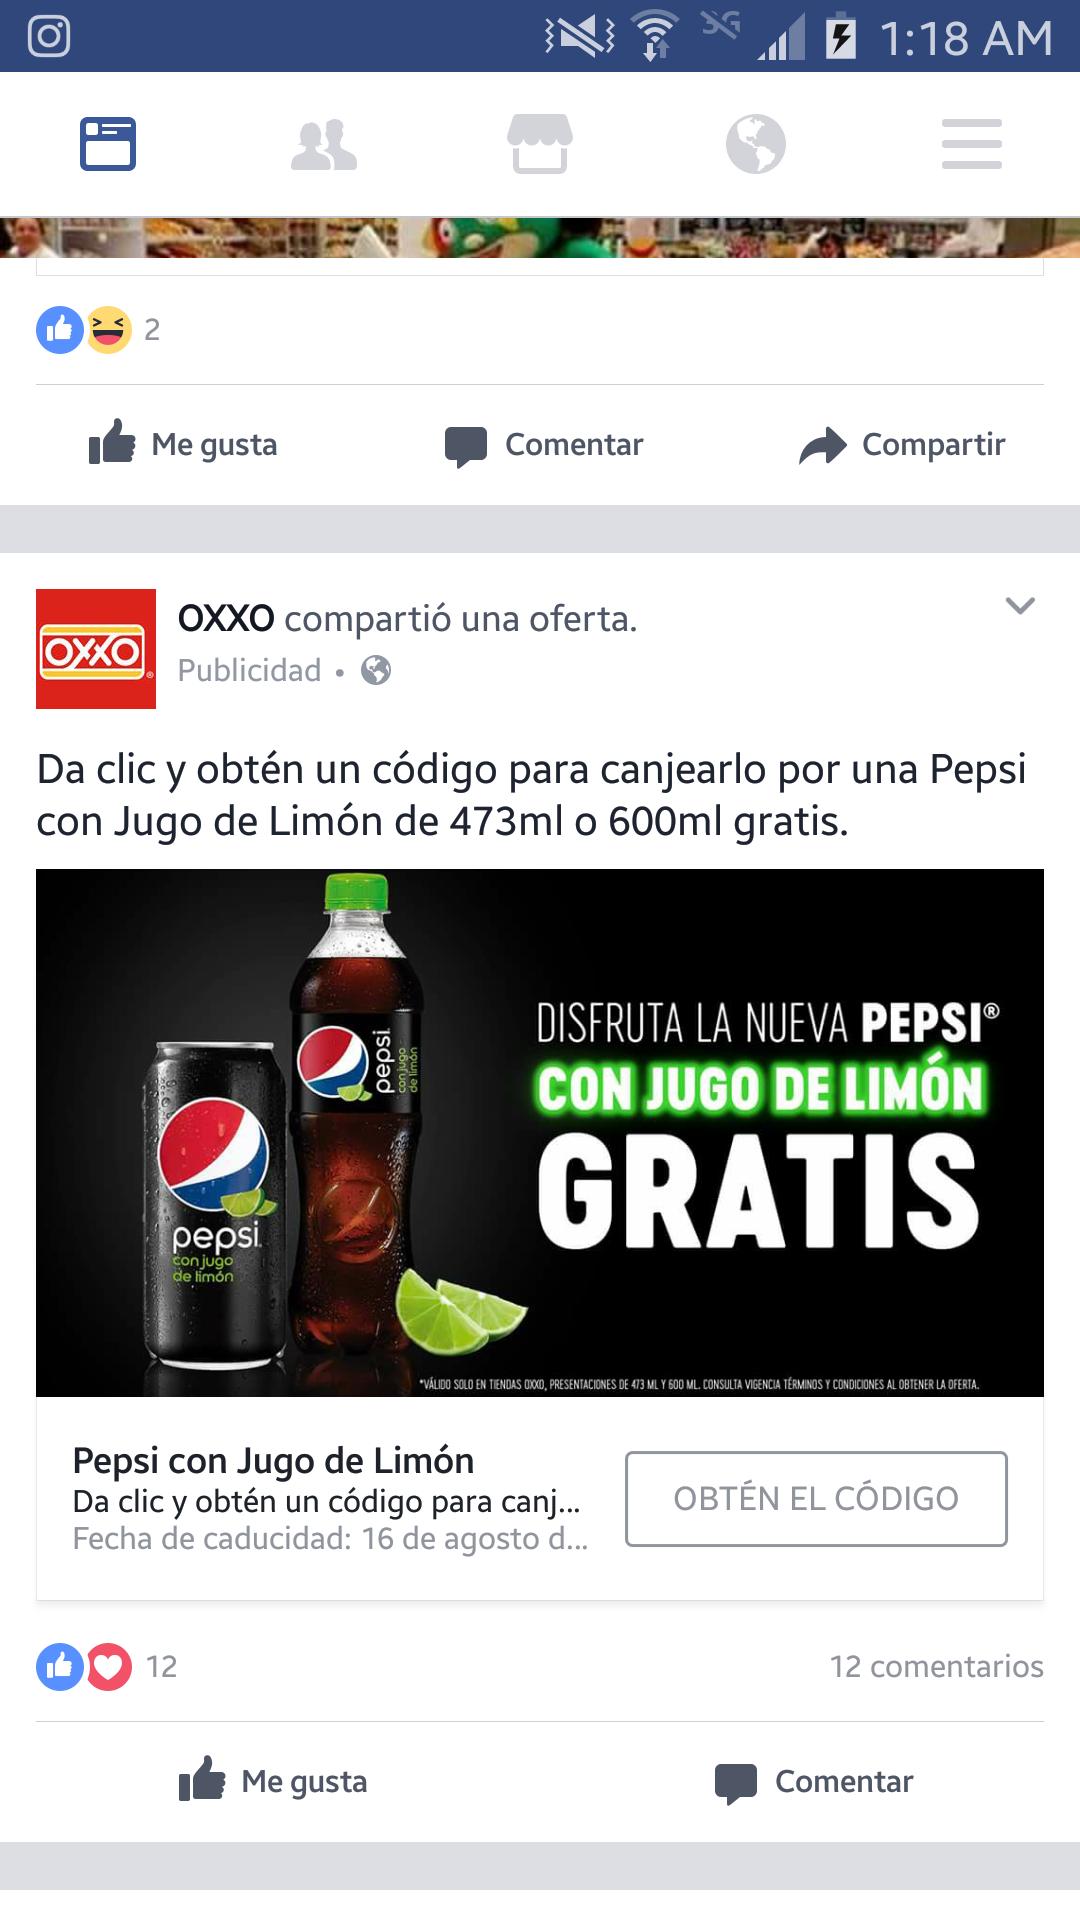 Oxxo: Pepsi con Jugo de Limón de 473ml o 600ml gratis